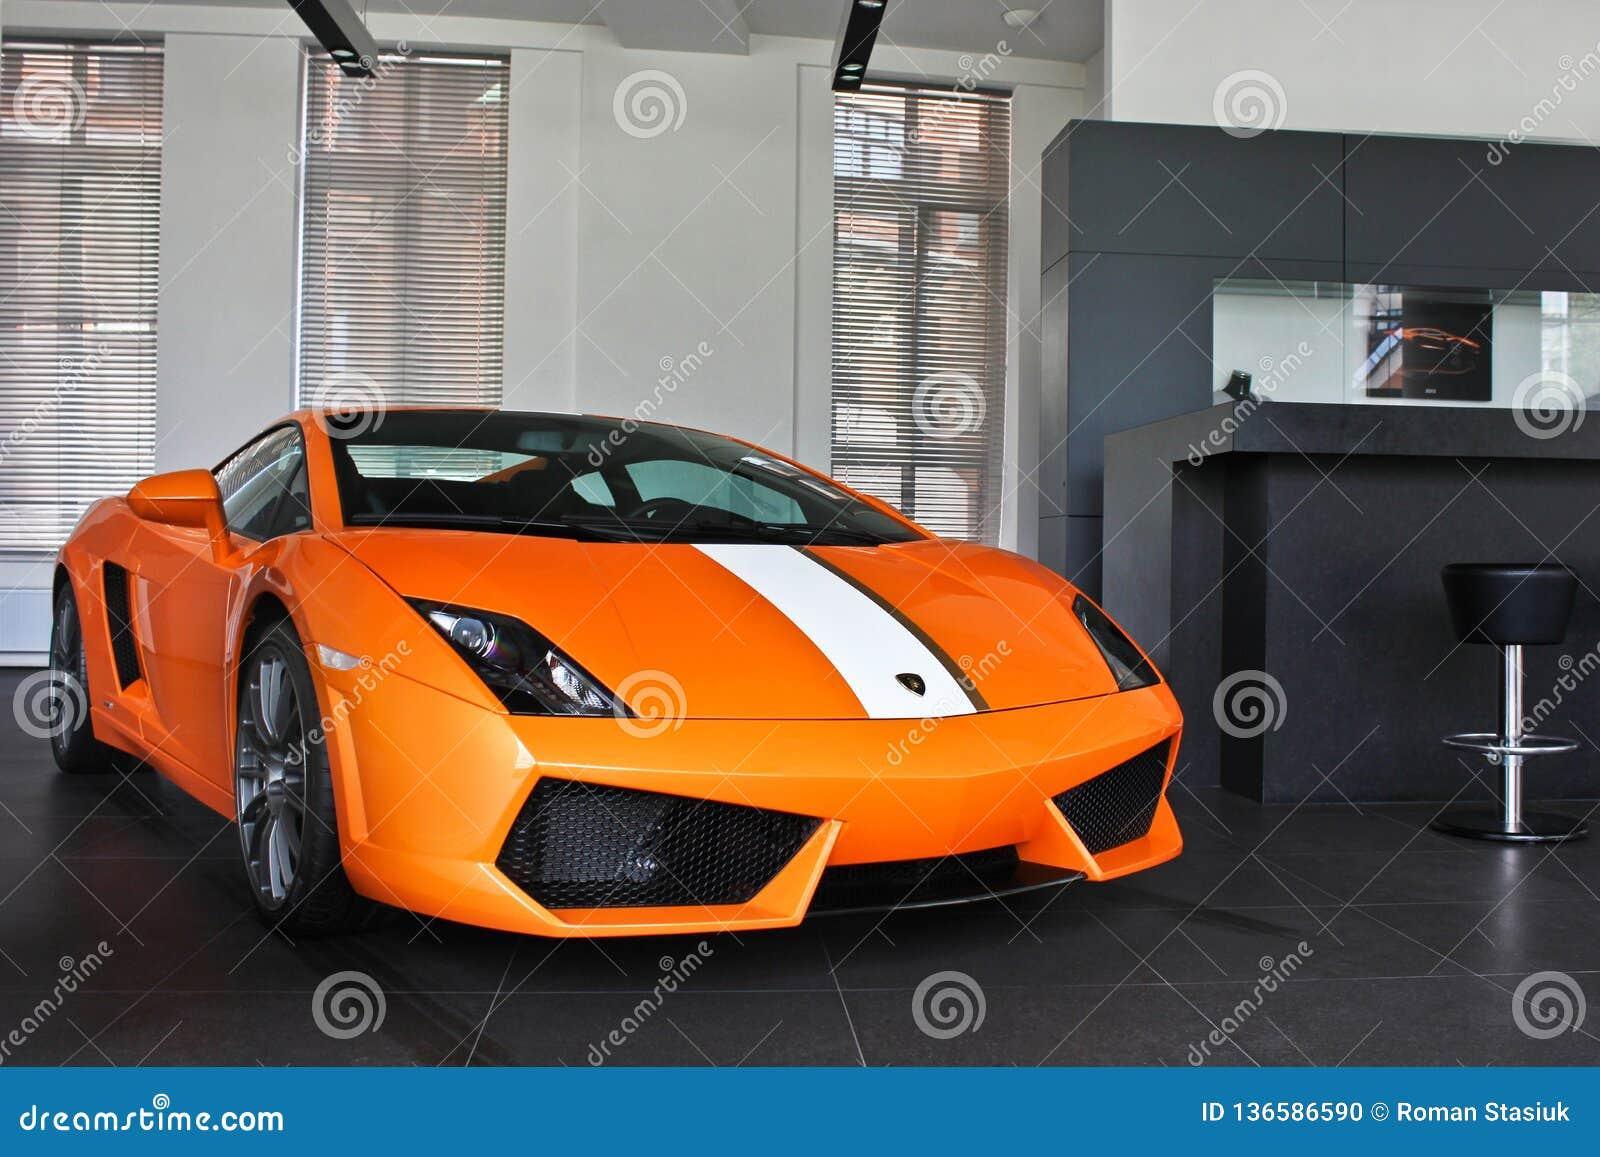 17 Φεβρουαρίου 2011 Ουκρανία, Κίεβο Lamborghini Gallardo lp550-2 Valentino Balboni